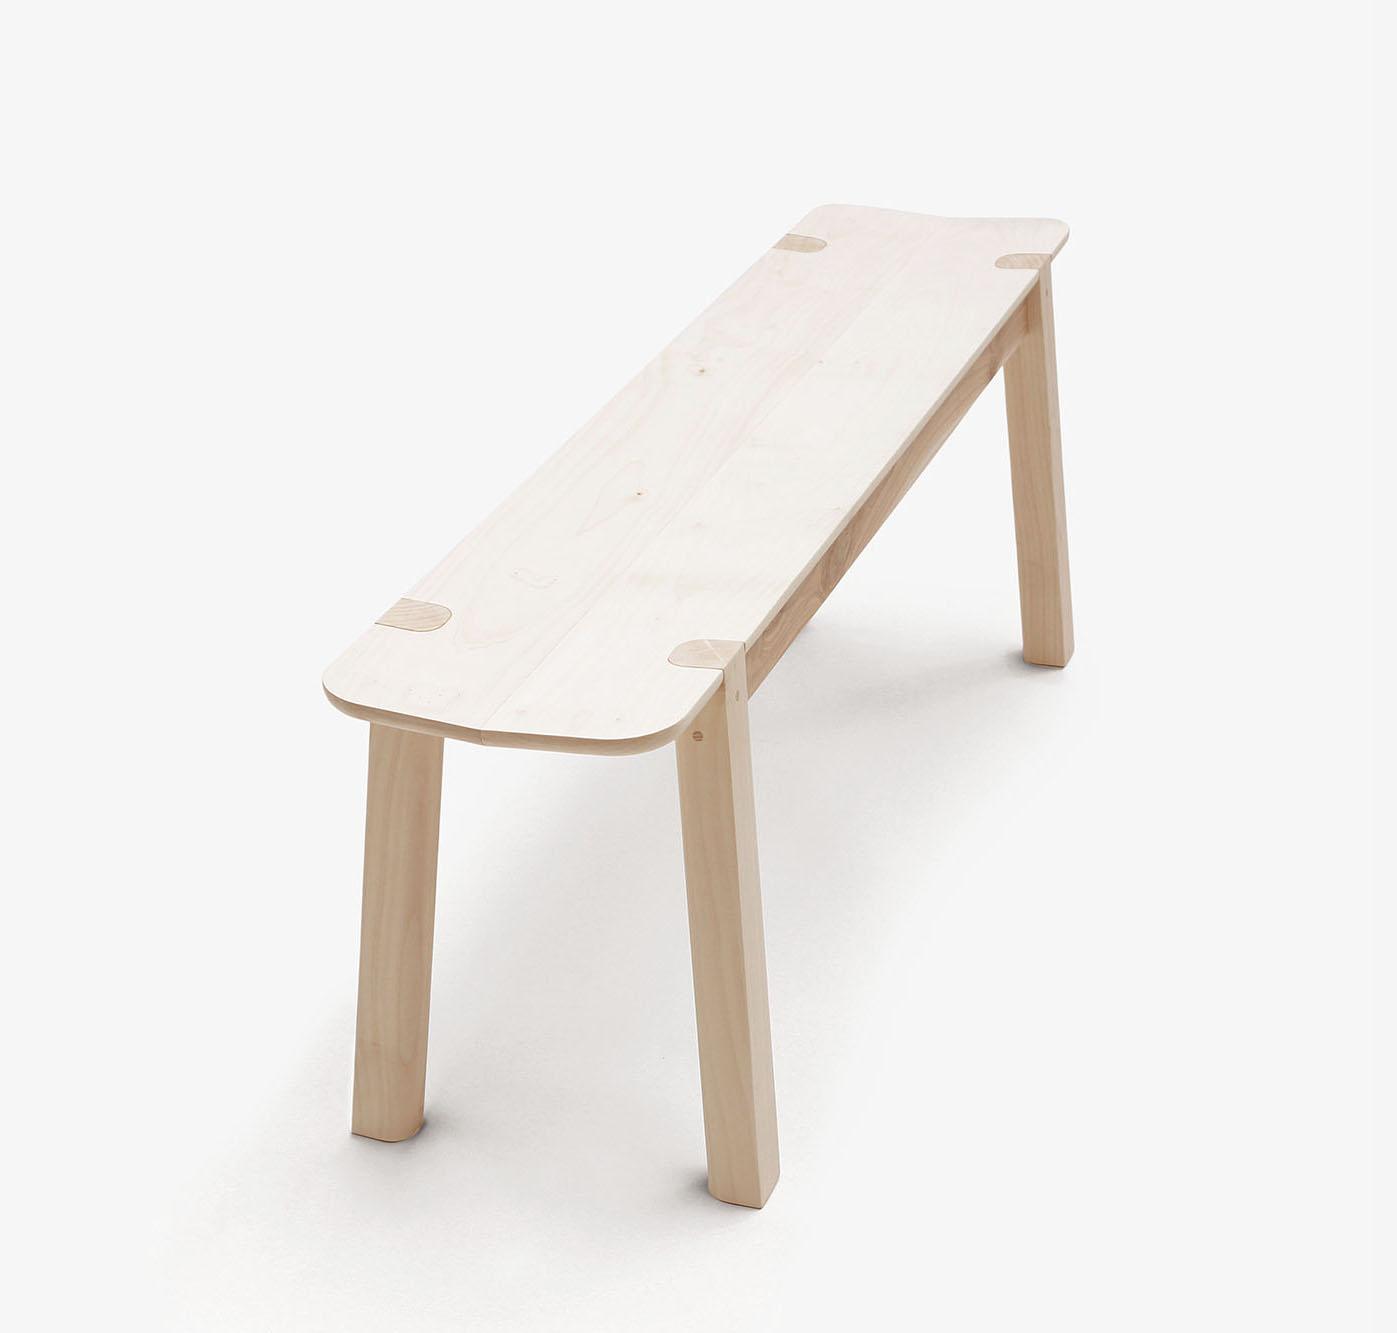 2furn_bench_side_view_bøøt